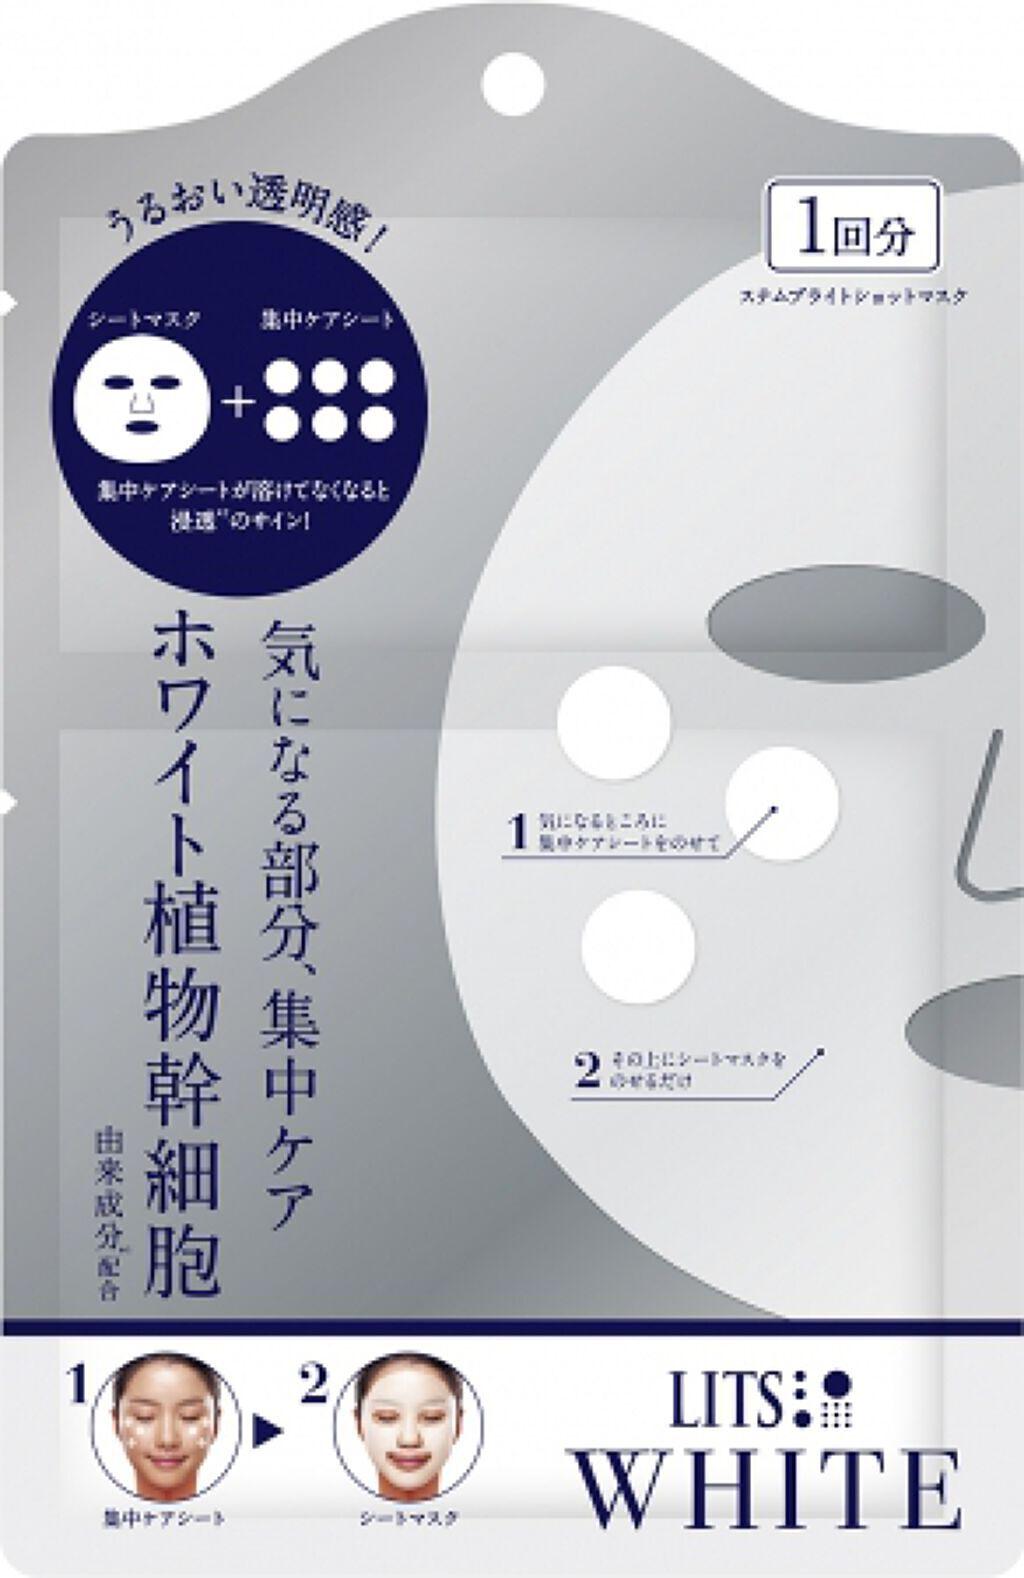 ホワイト ステムブライトショットマスク LITS